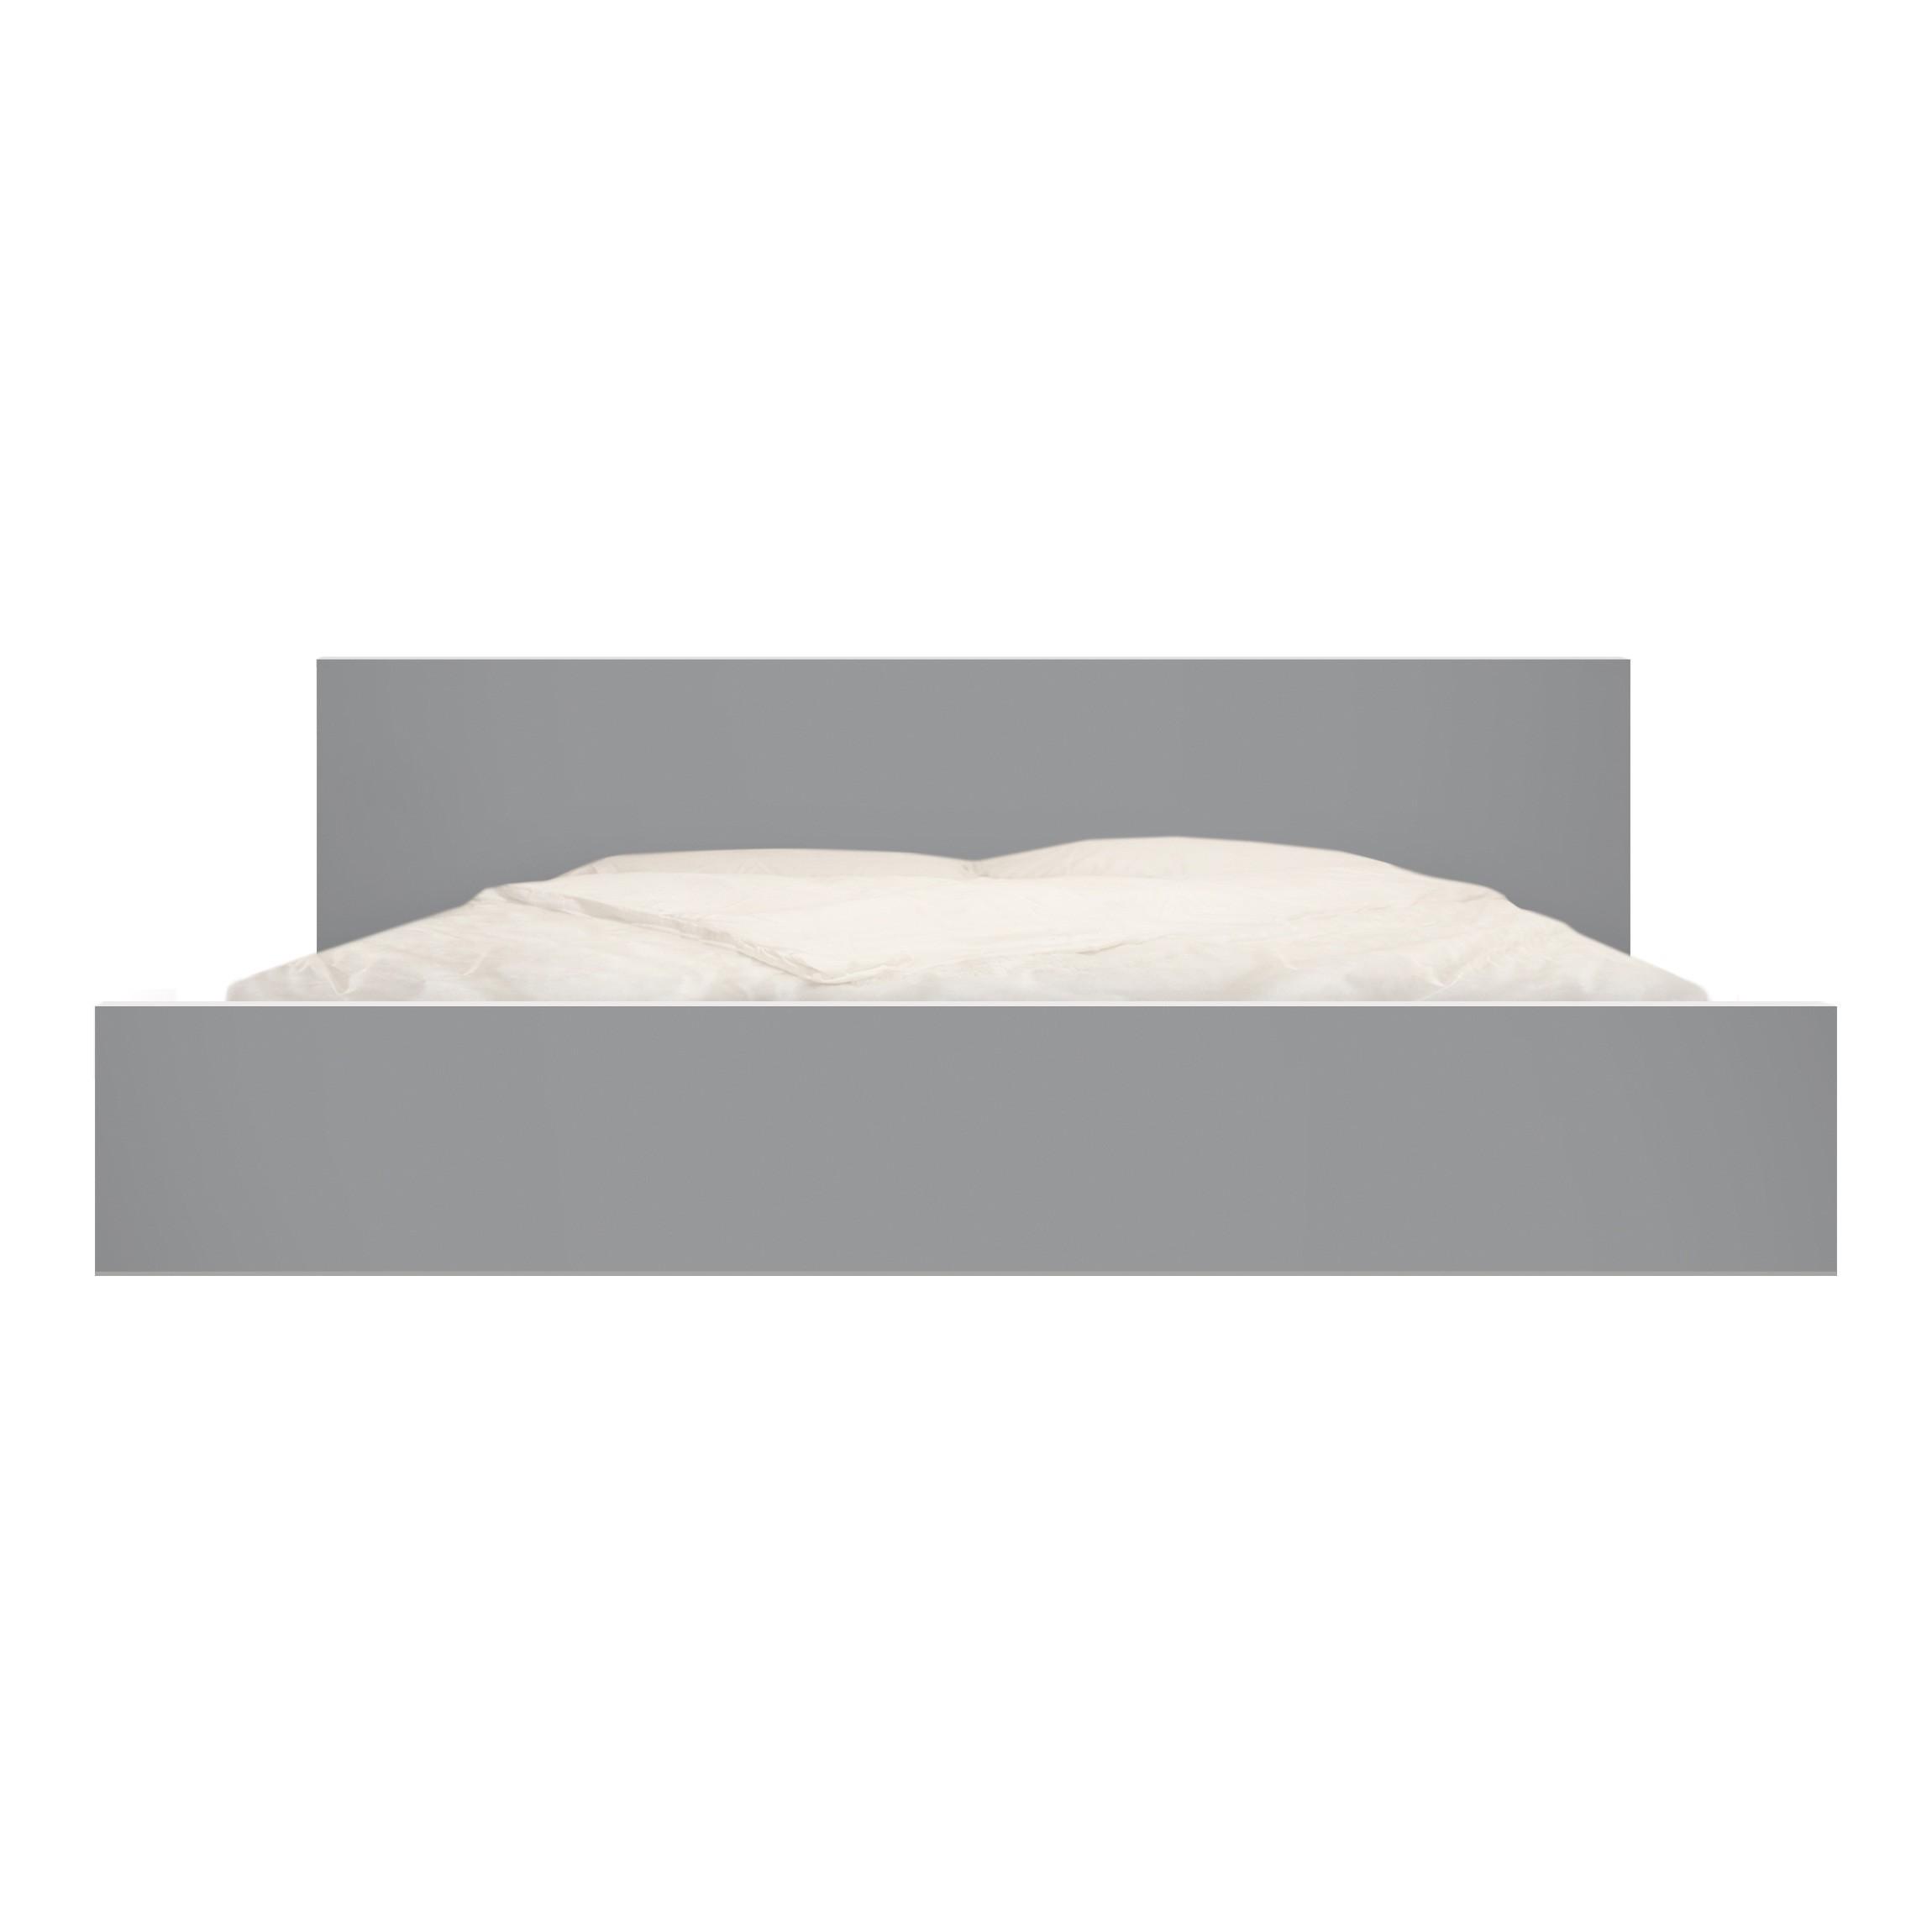 Carta adesiva per mobili ikea malm letto basso 180x200cm colour cool grey - Mobili letto ikea ...